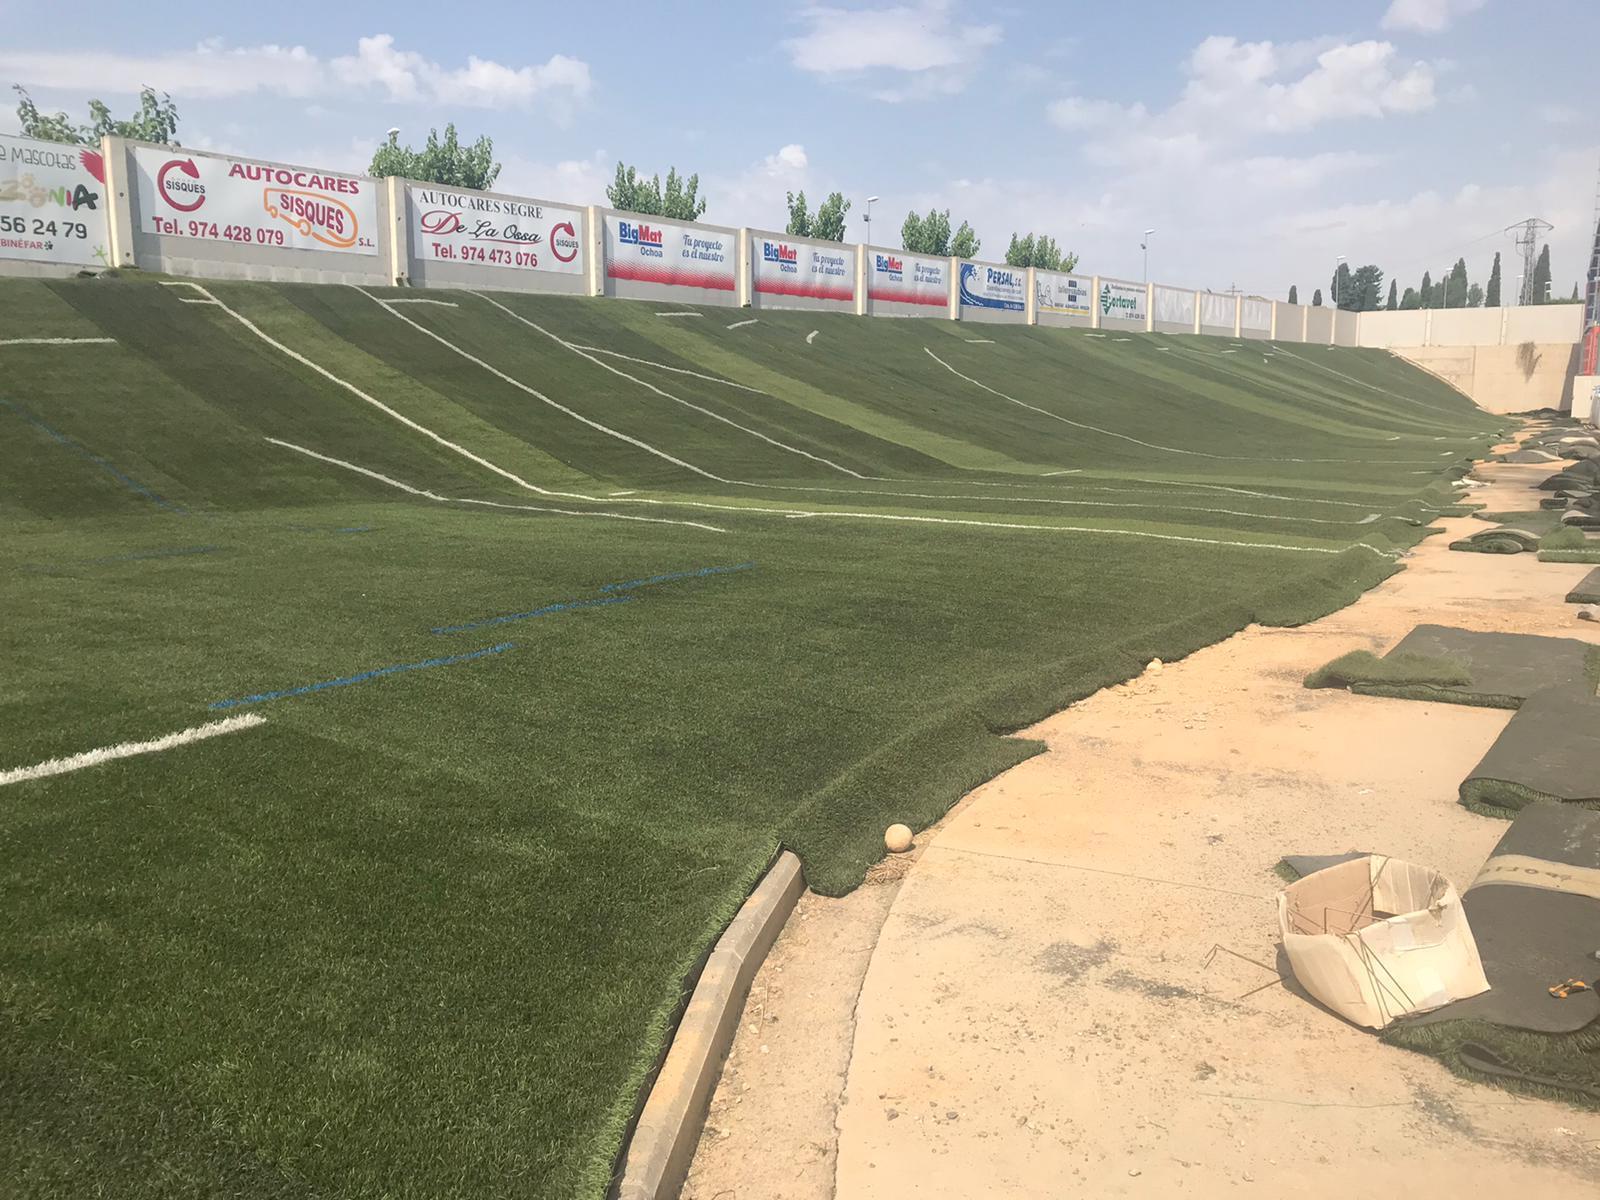 El Ayuntamiento recicla el césped artificial retirado de Los Olmos para cubrir rotondas y los laterales del campo de fútbol